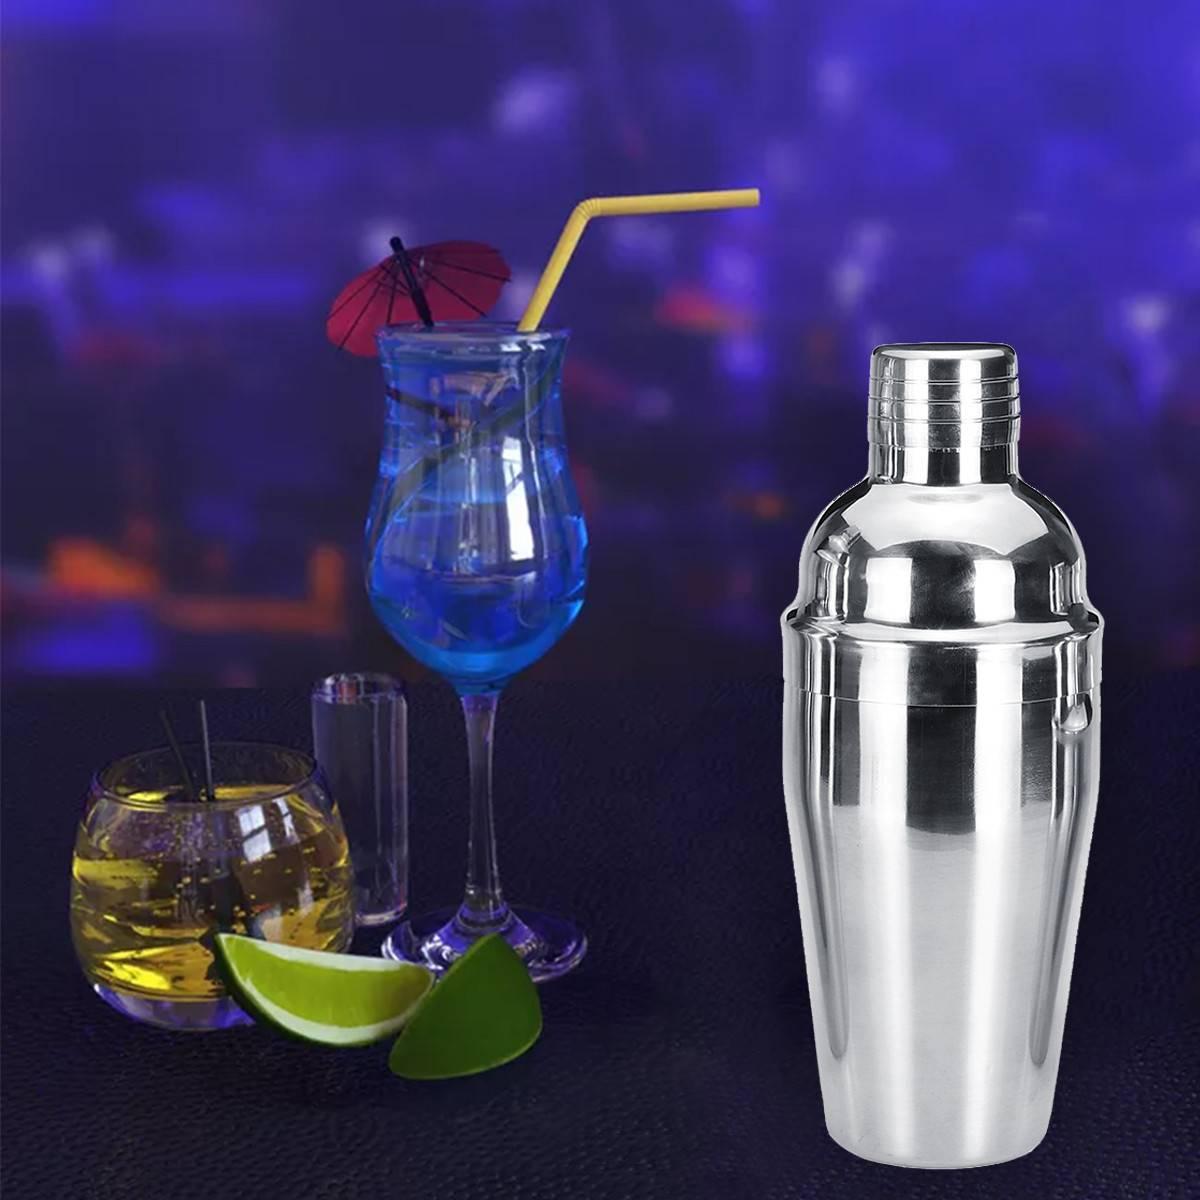 Шейкер для коктейлей, виды, материалы, объем, нюансы использования